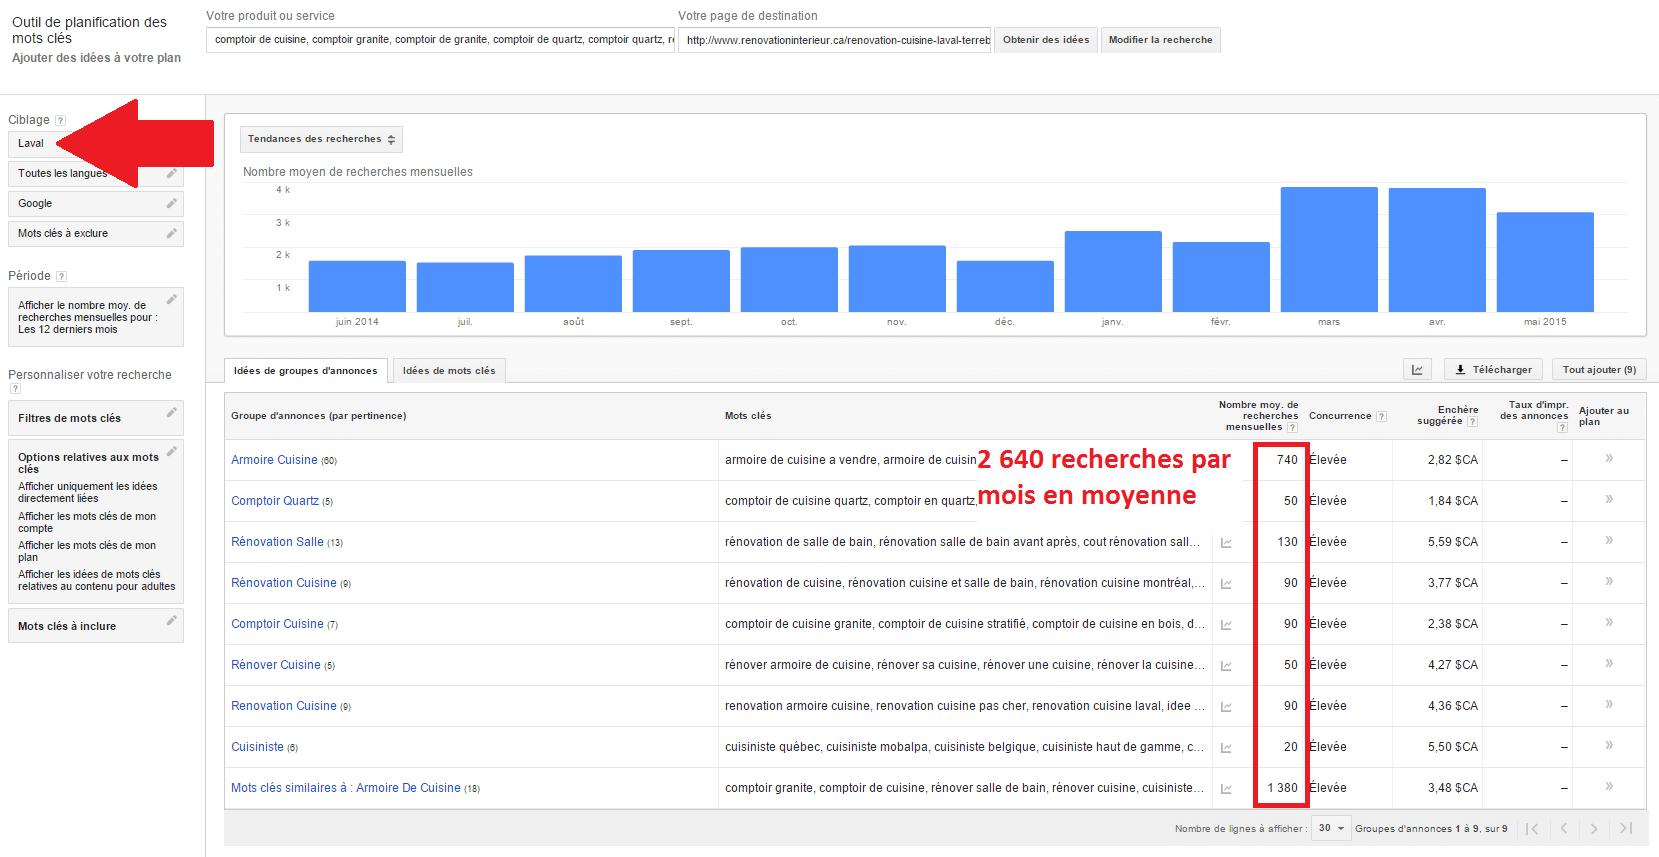 volume de recherche Laval